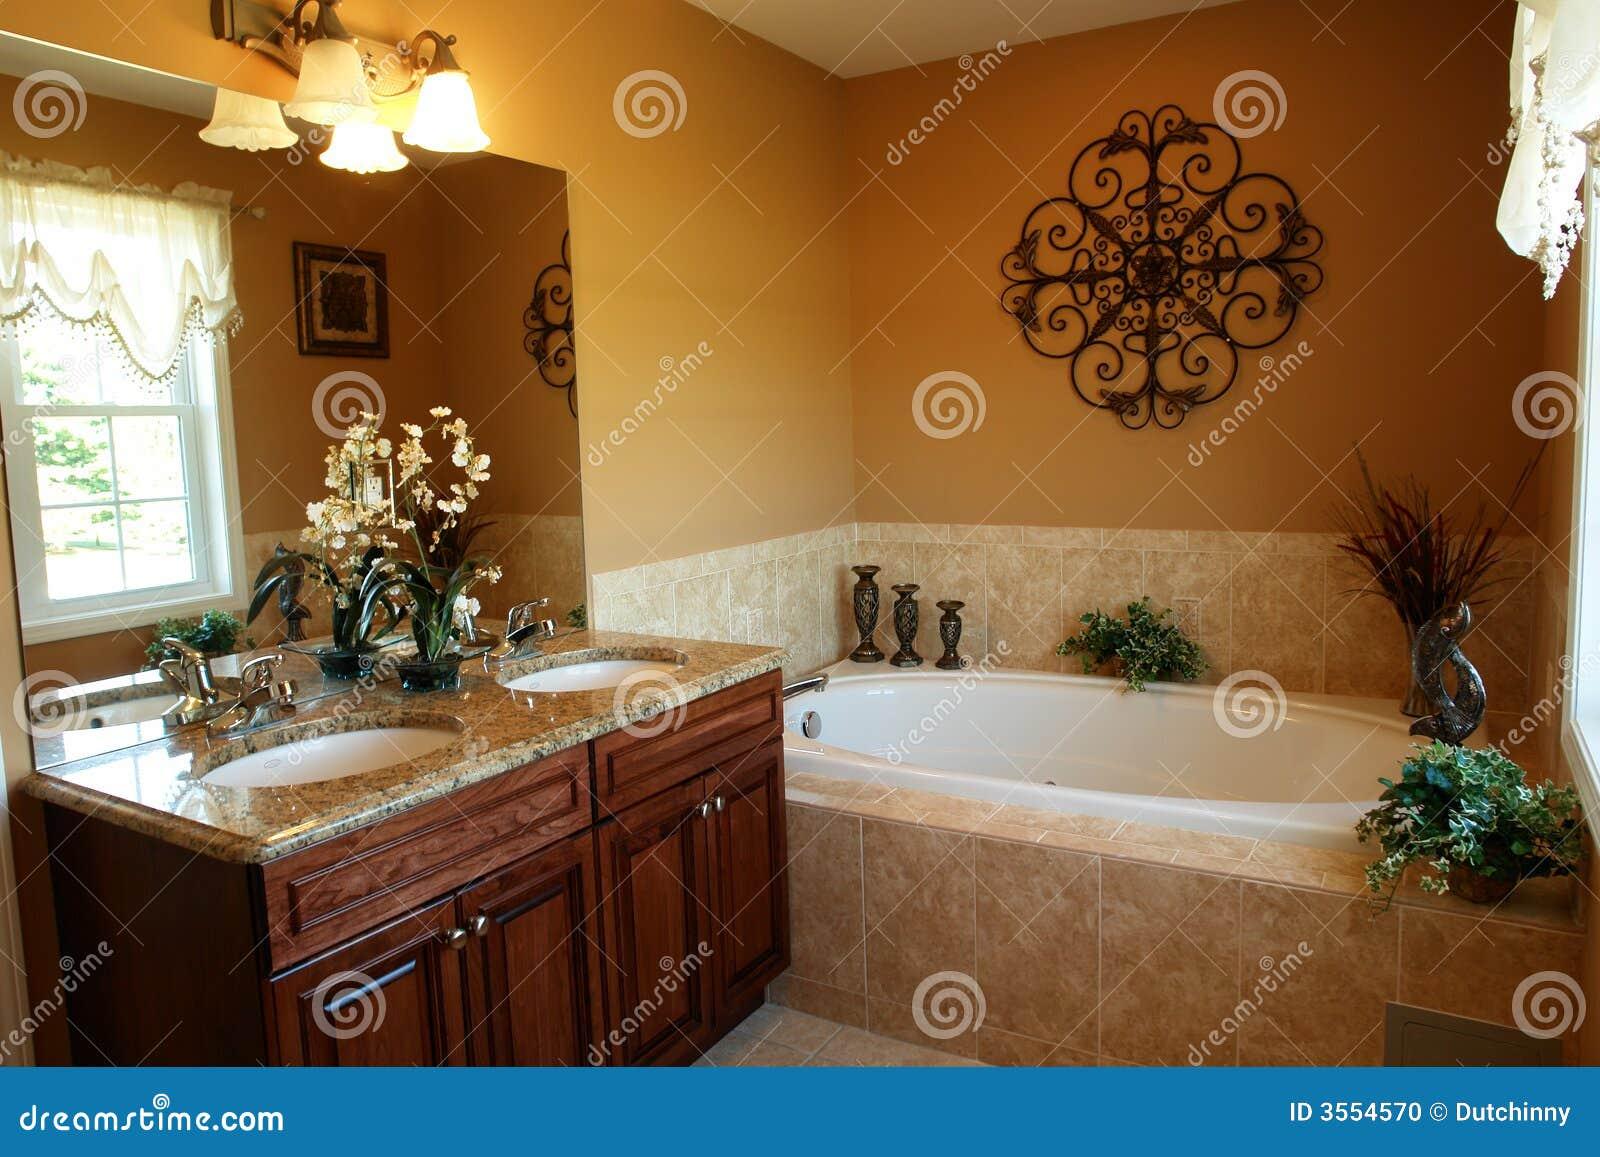 thumbs.dreamstime.com/z/salle-de-bains-de-luxe-ave...